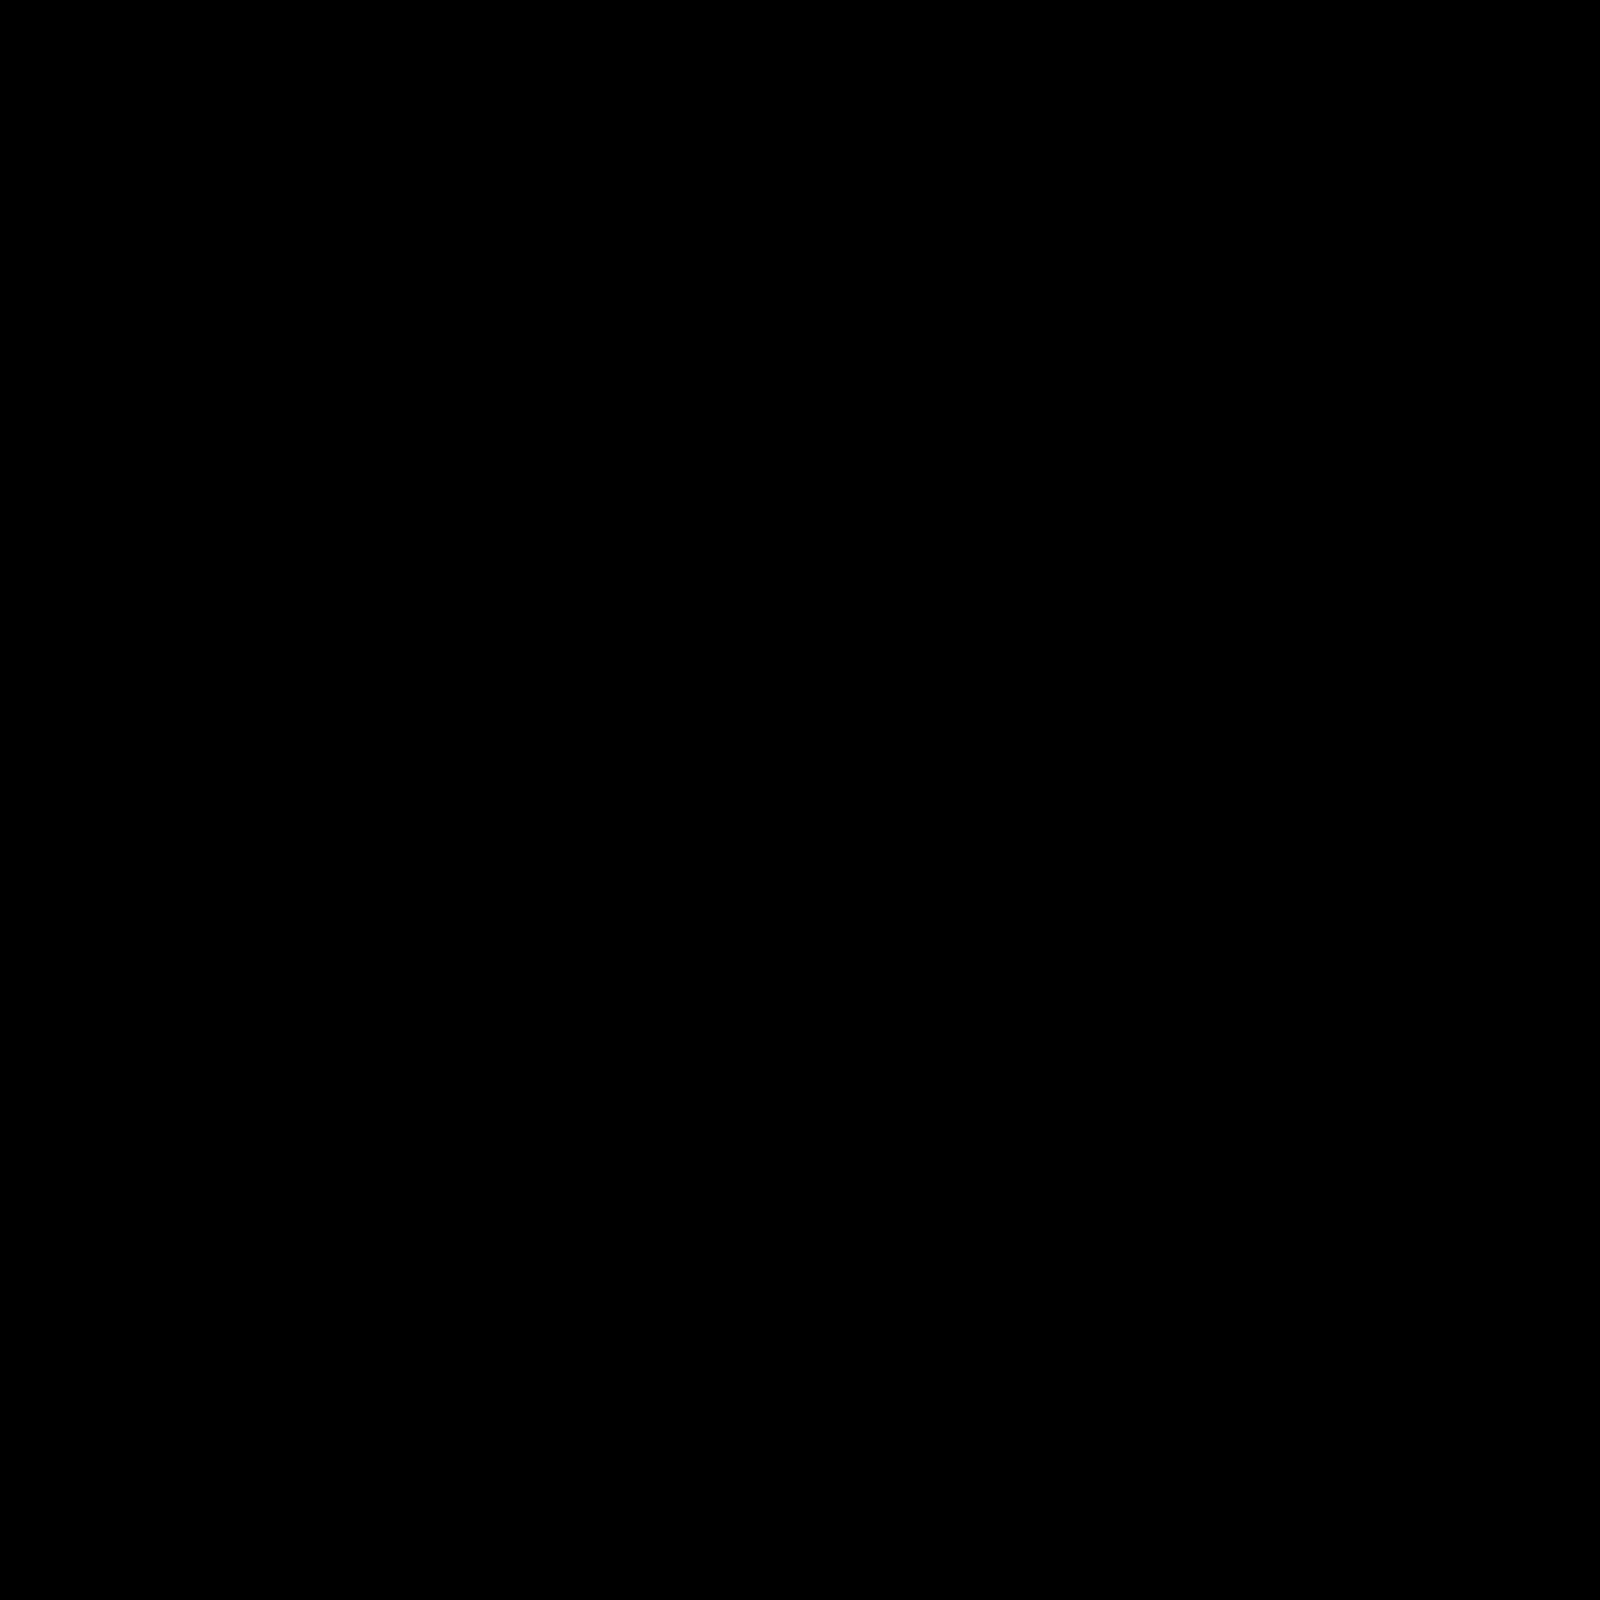 1600x1600 Phonelink Ring Icon